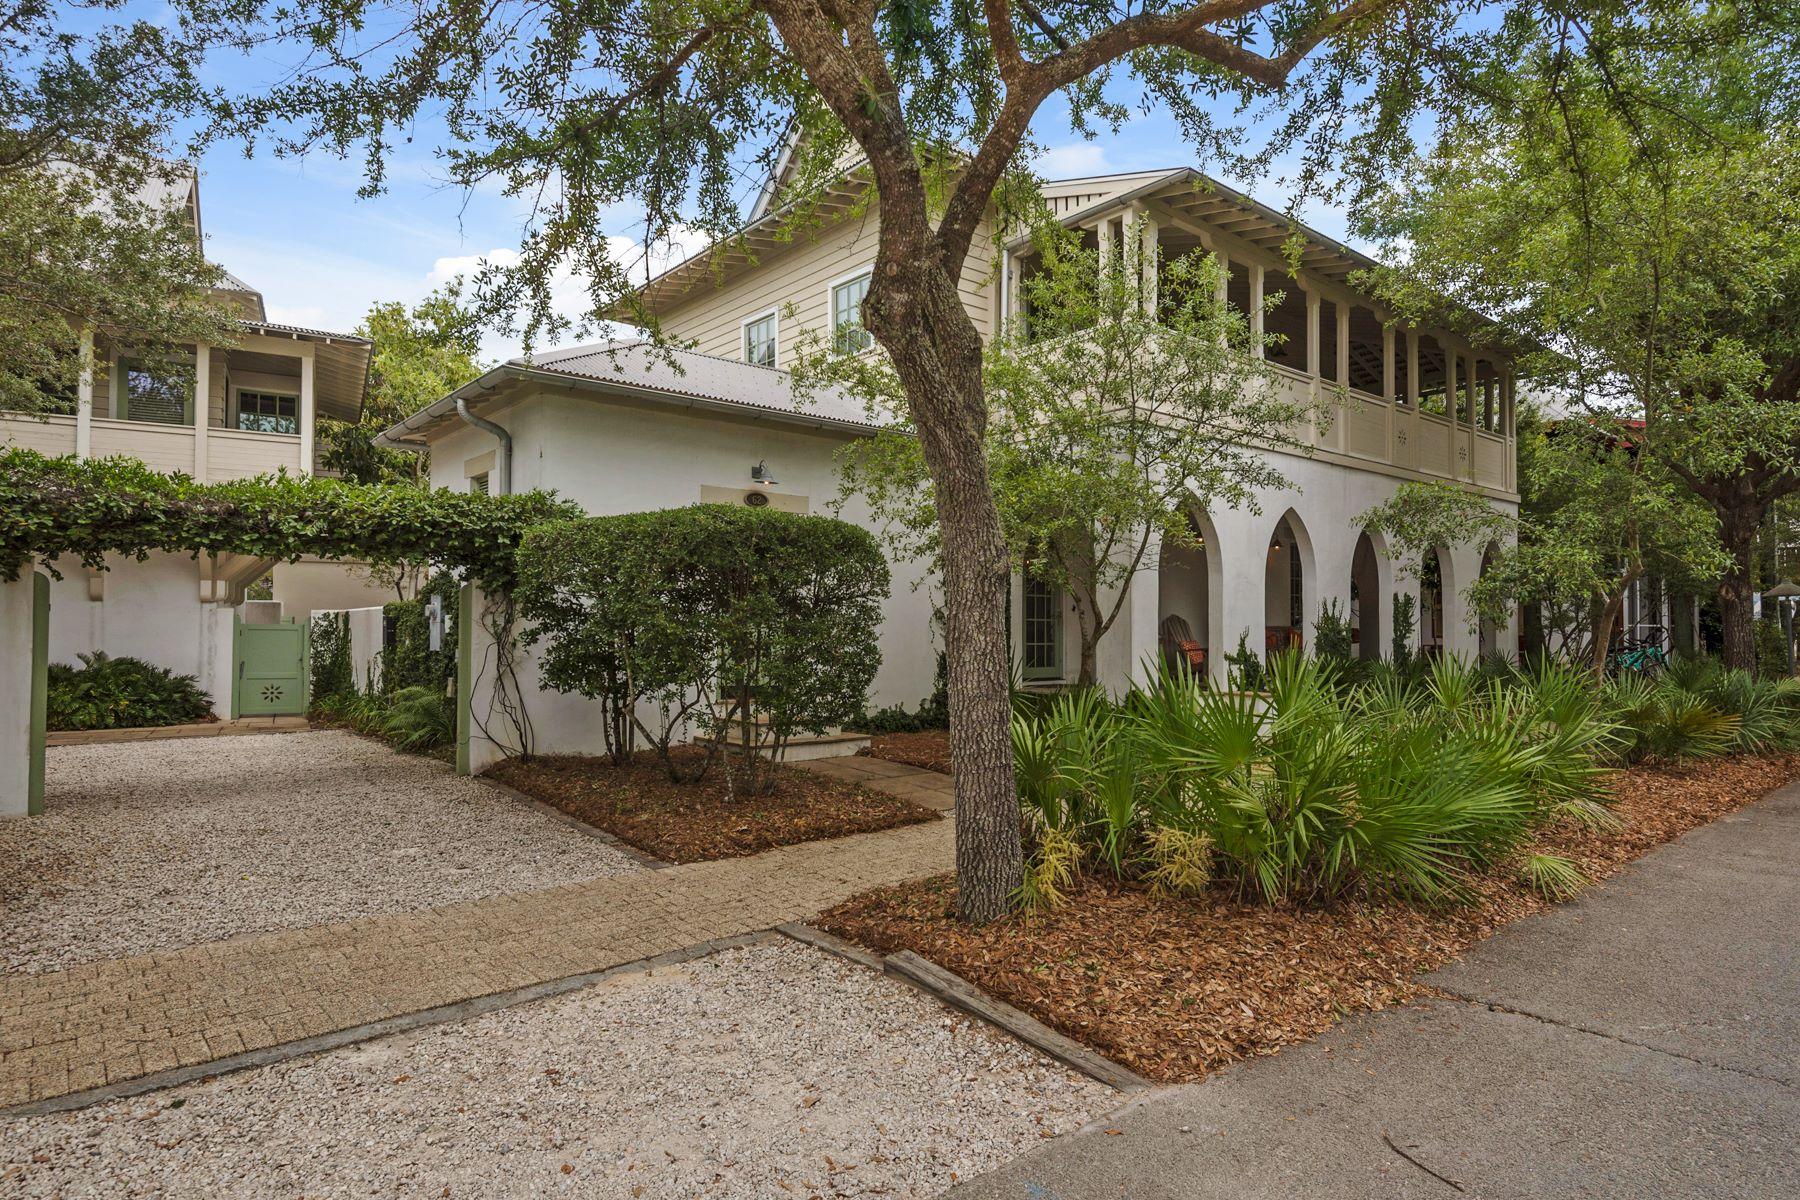 Vivienda unifamiliar por un Venta en CHARMING HOME WITH SPACIOUS BALCONIES AND COURTYARD 62 Georgetown Avenue Rosemary Beach, Florida, 32461 Estados Unidos